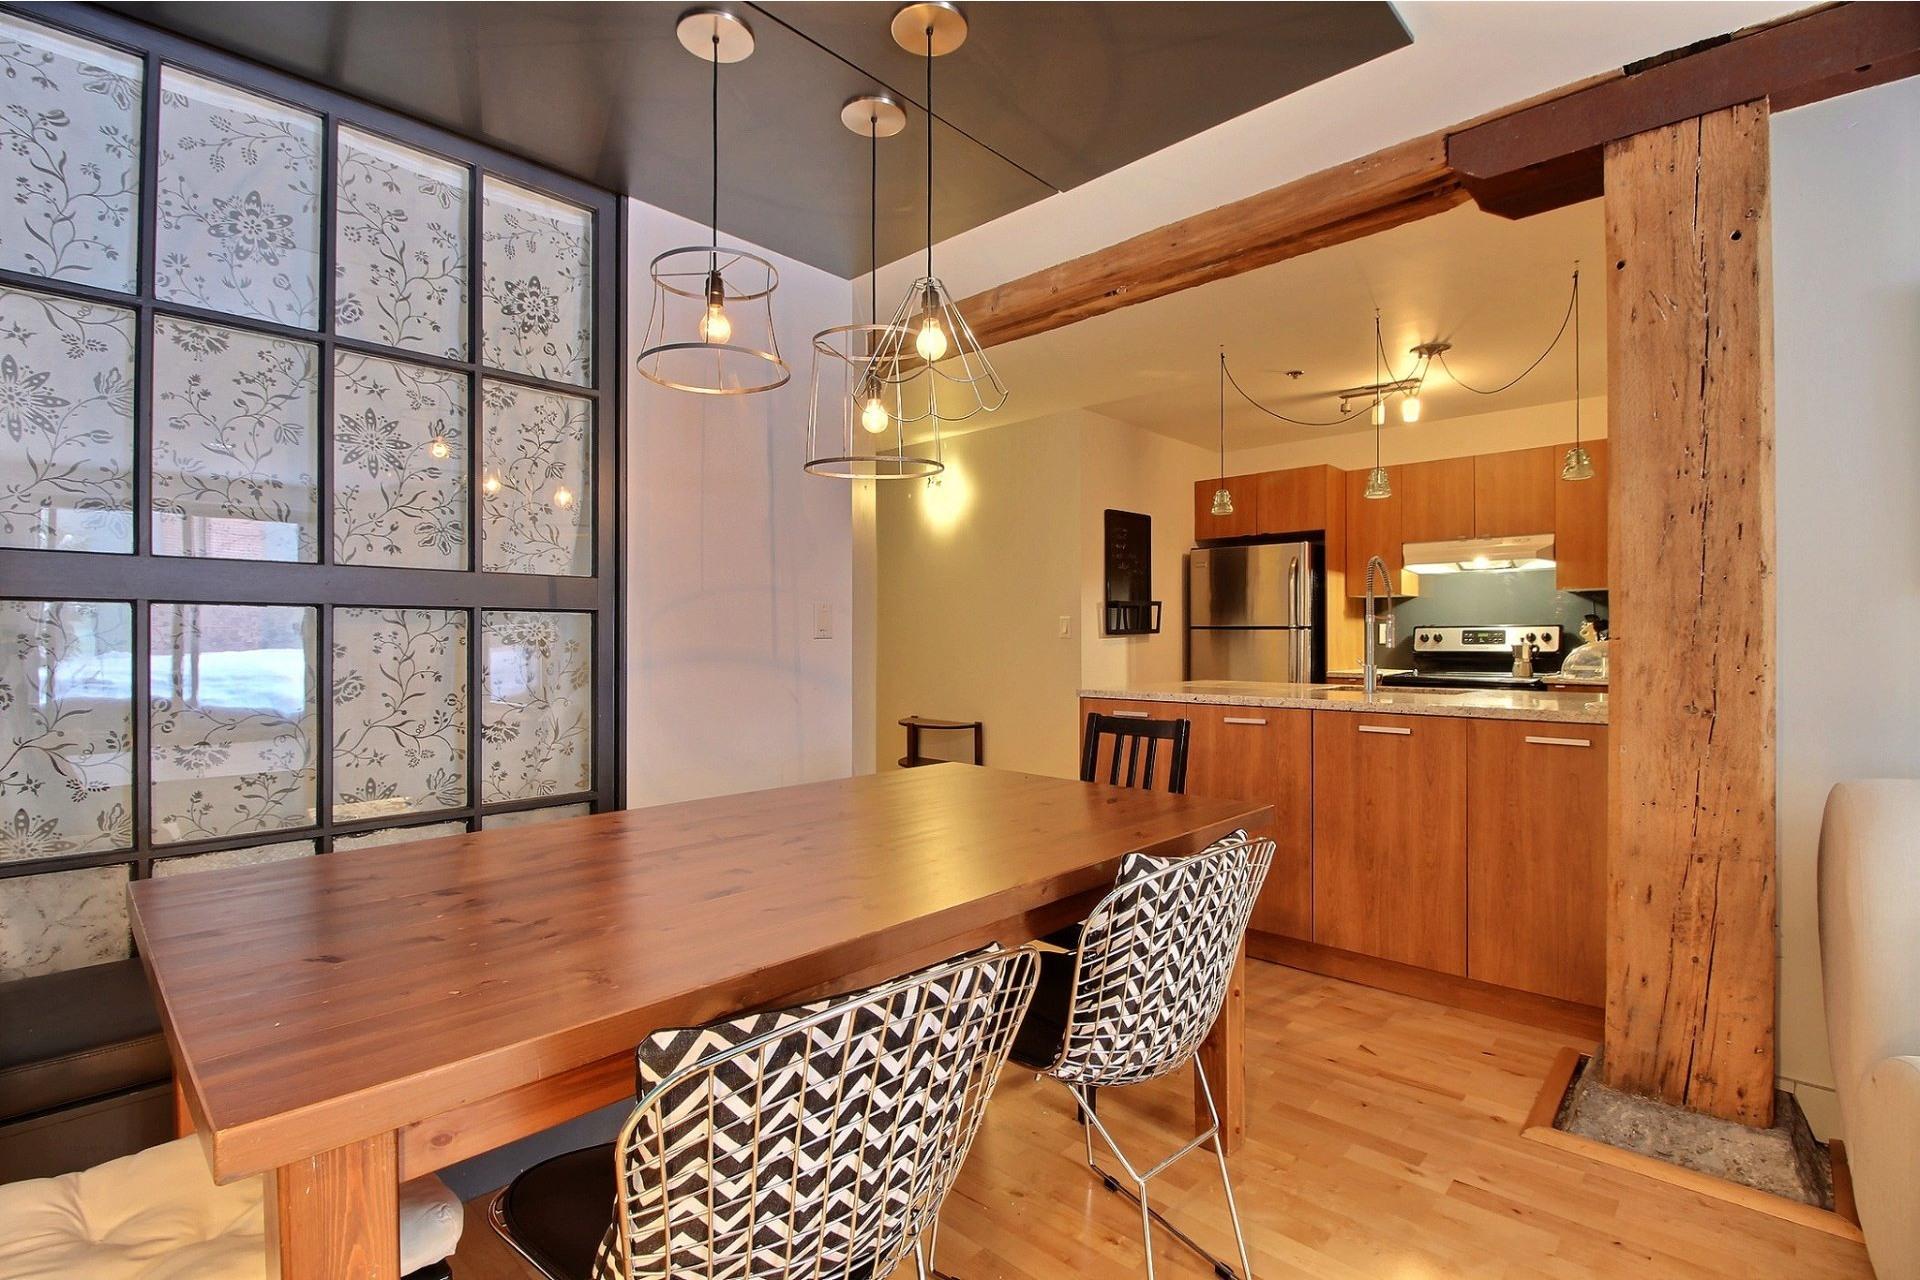 image 4 - Apartment For rent Montréal Mercier/Hochelaga-Maisonneuve  - 5 rooms